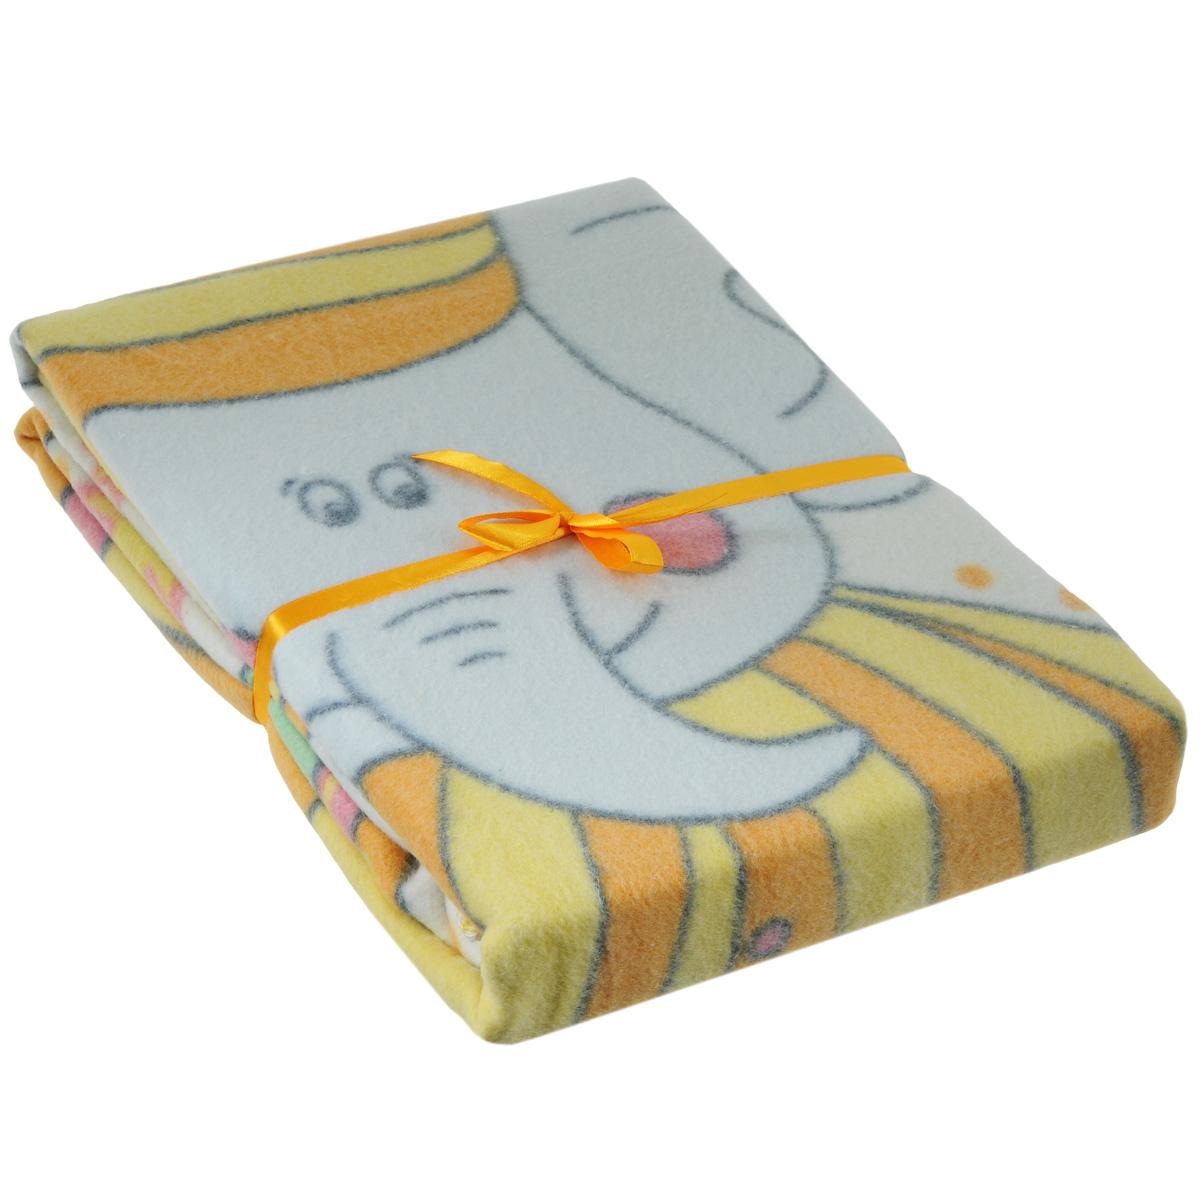 Одеяло детское Baby Nice Пора спать, байковое, цвет: желтый, 100 см x 140 смD311511